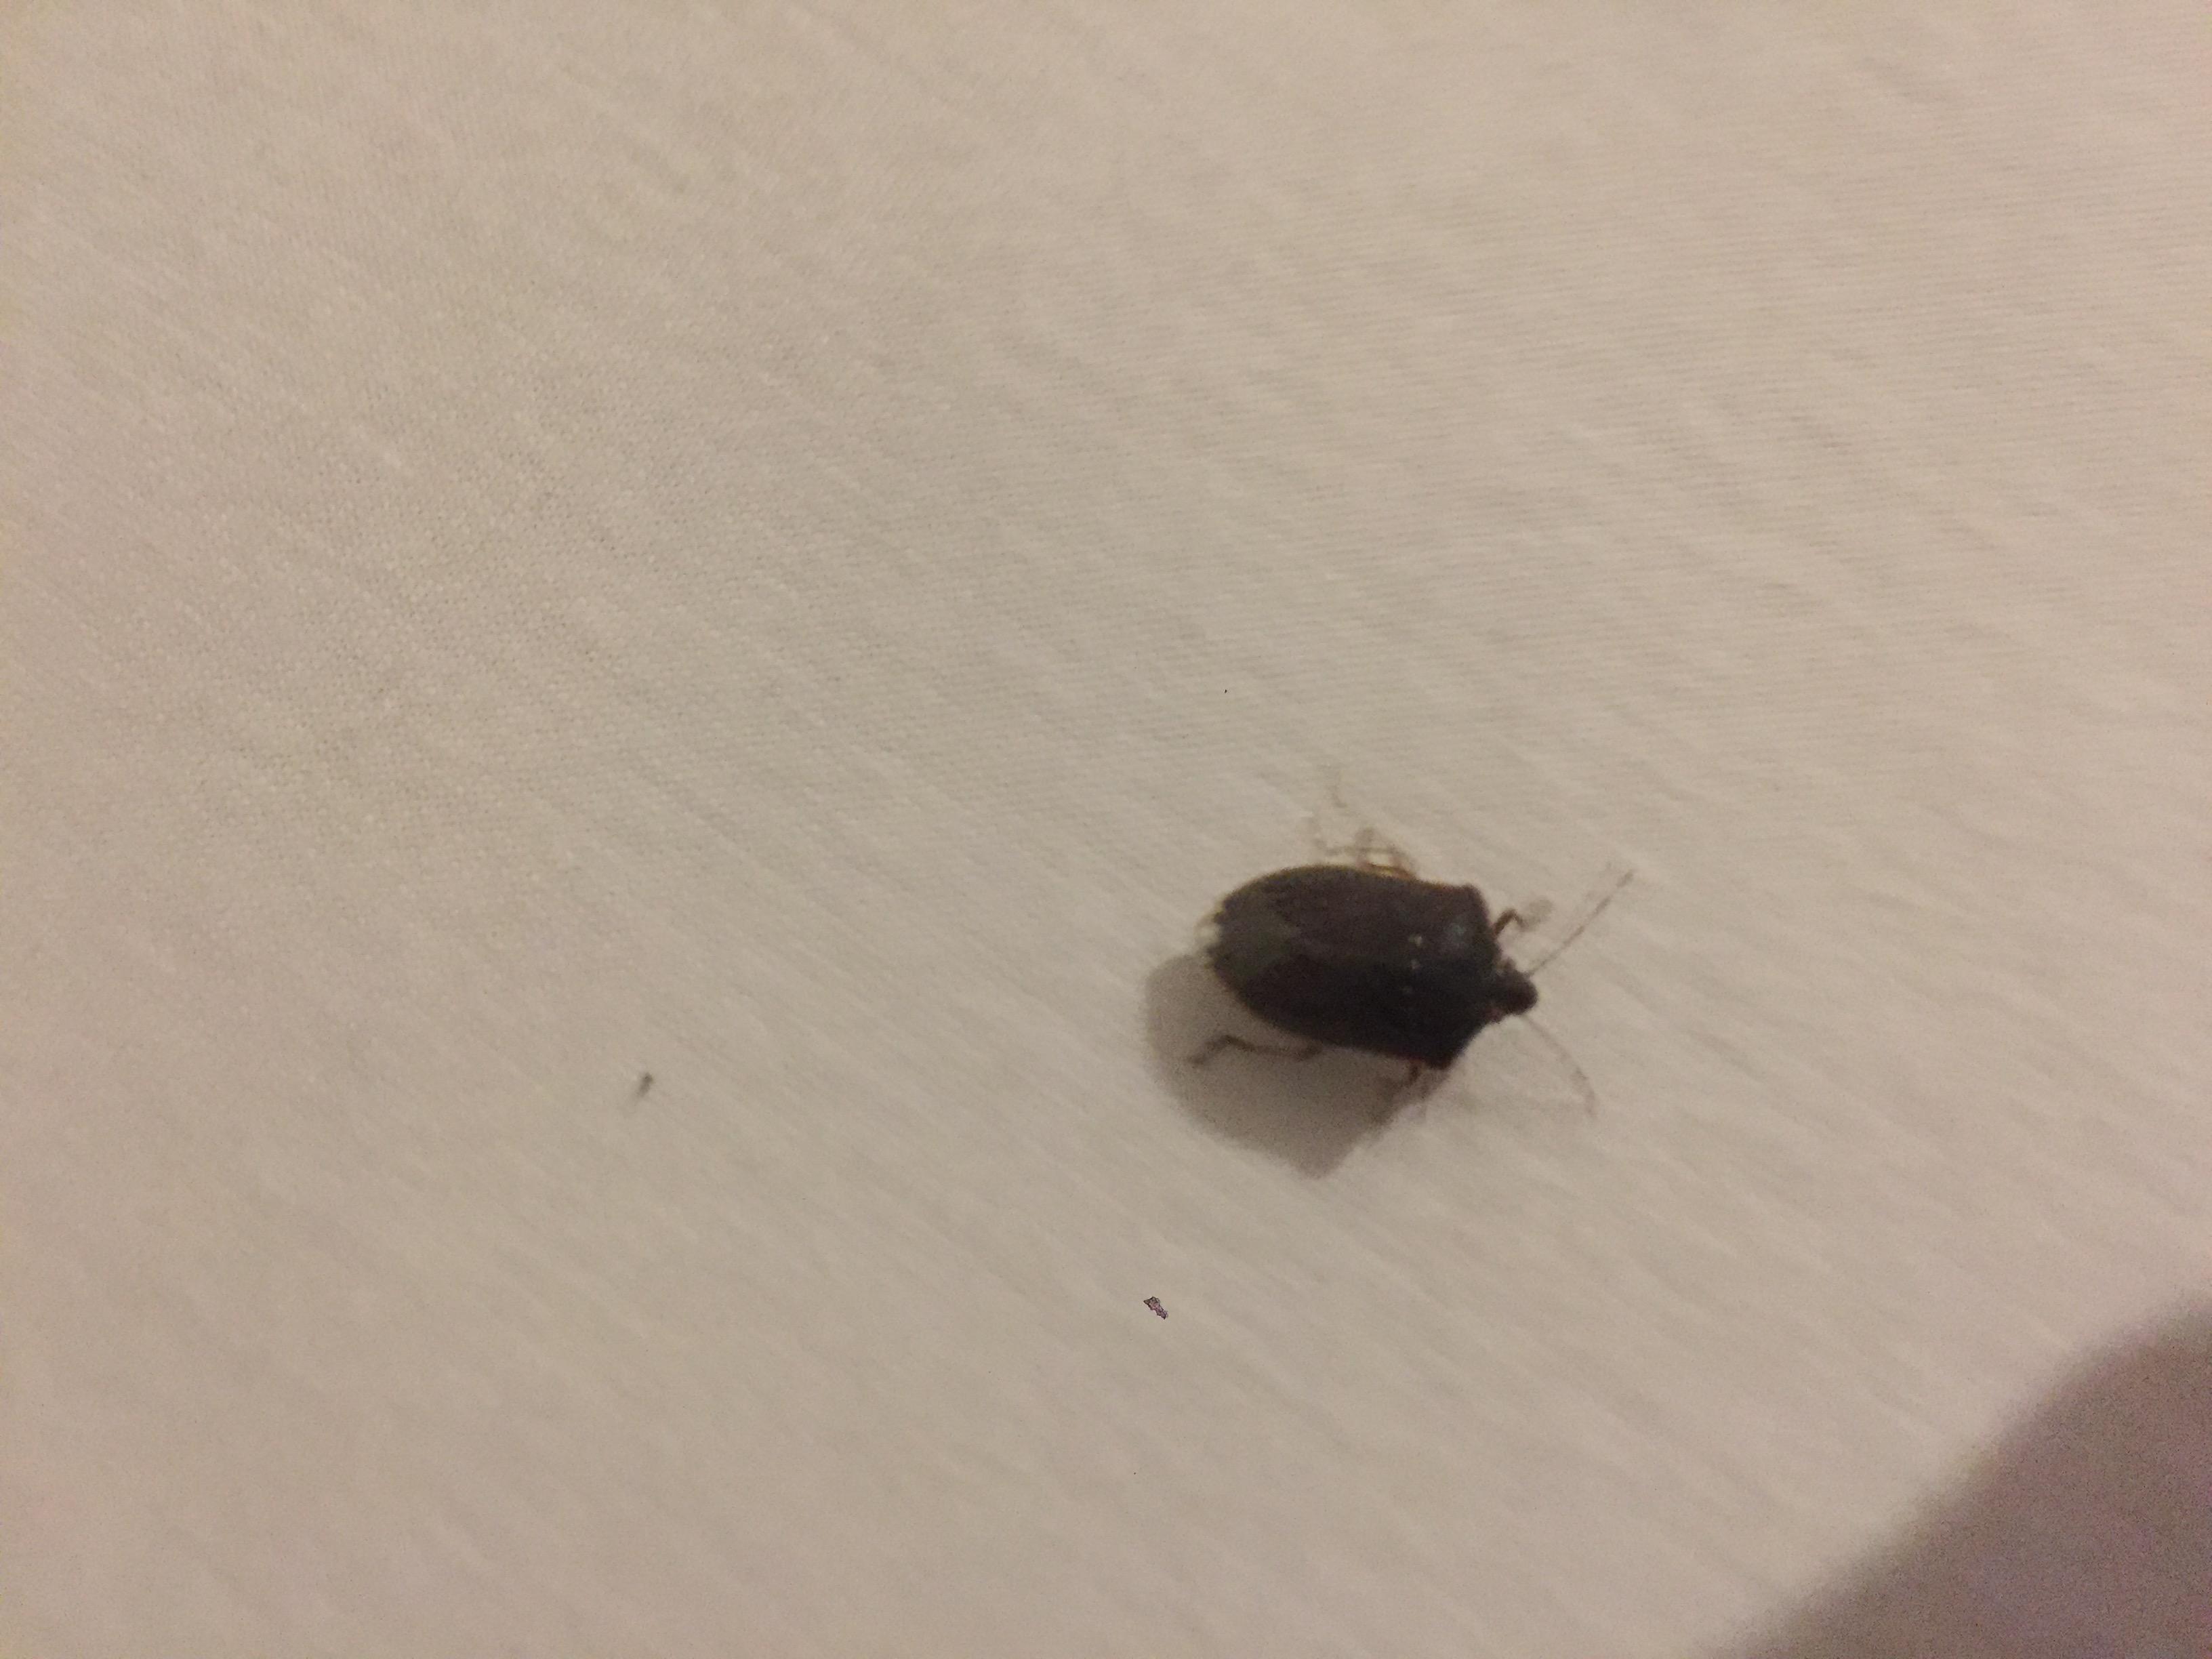 Beliebt Was ist das für ein Käfer (käfer/wanze, Bett)? (Insekten RG93